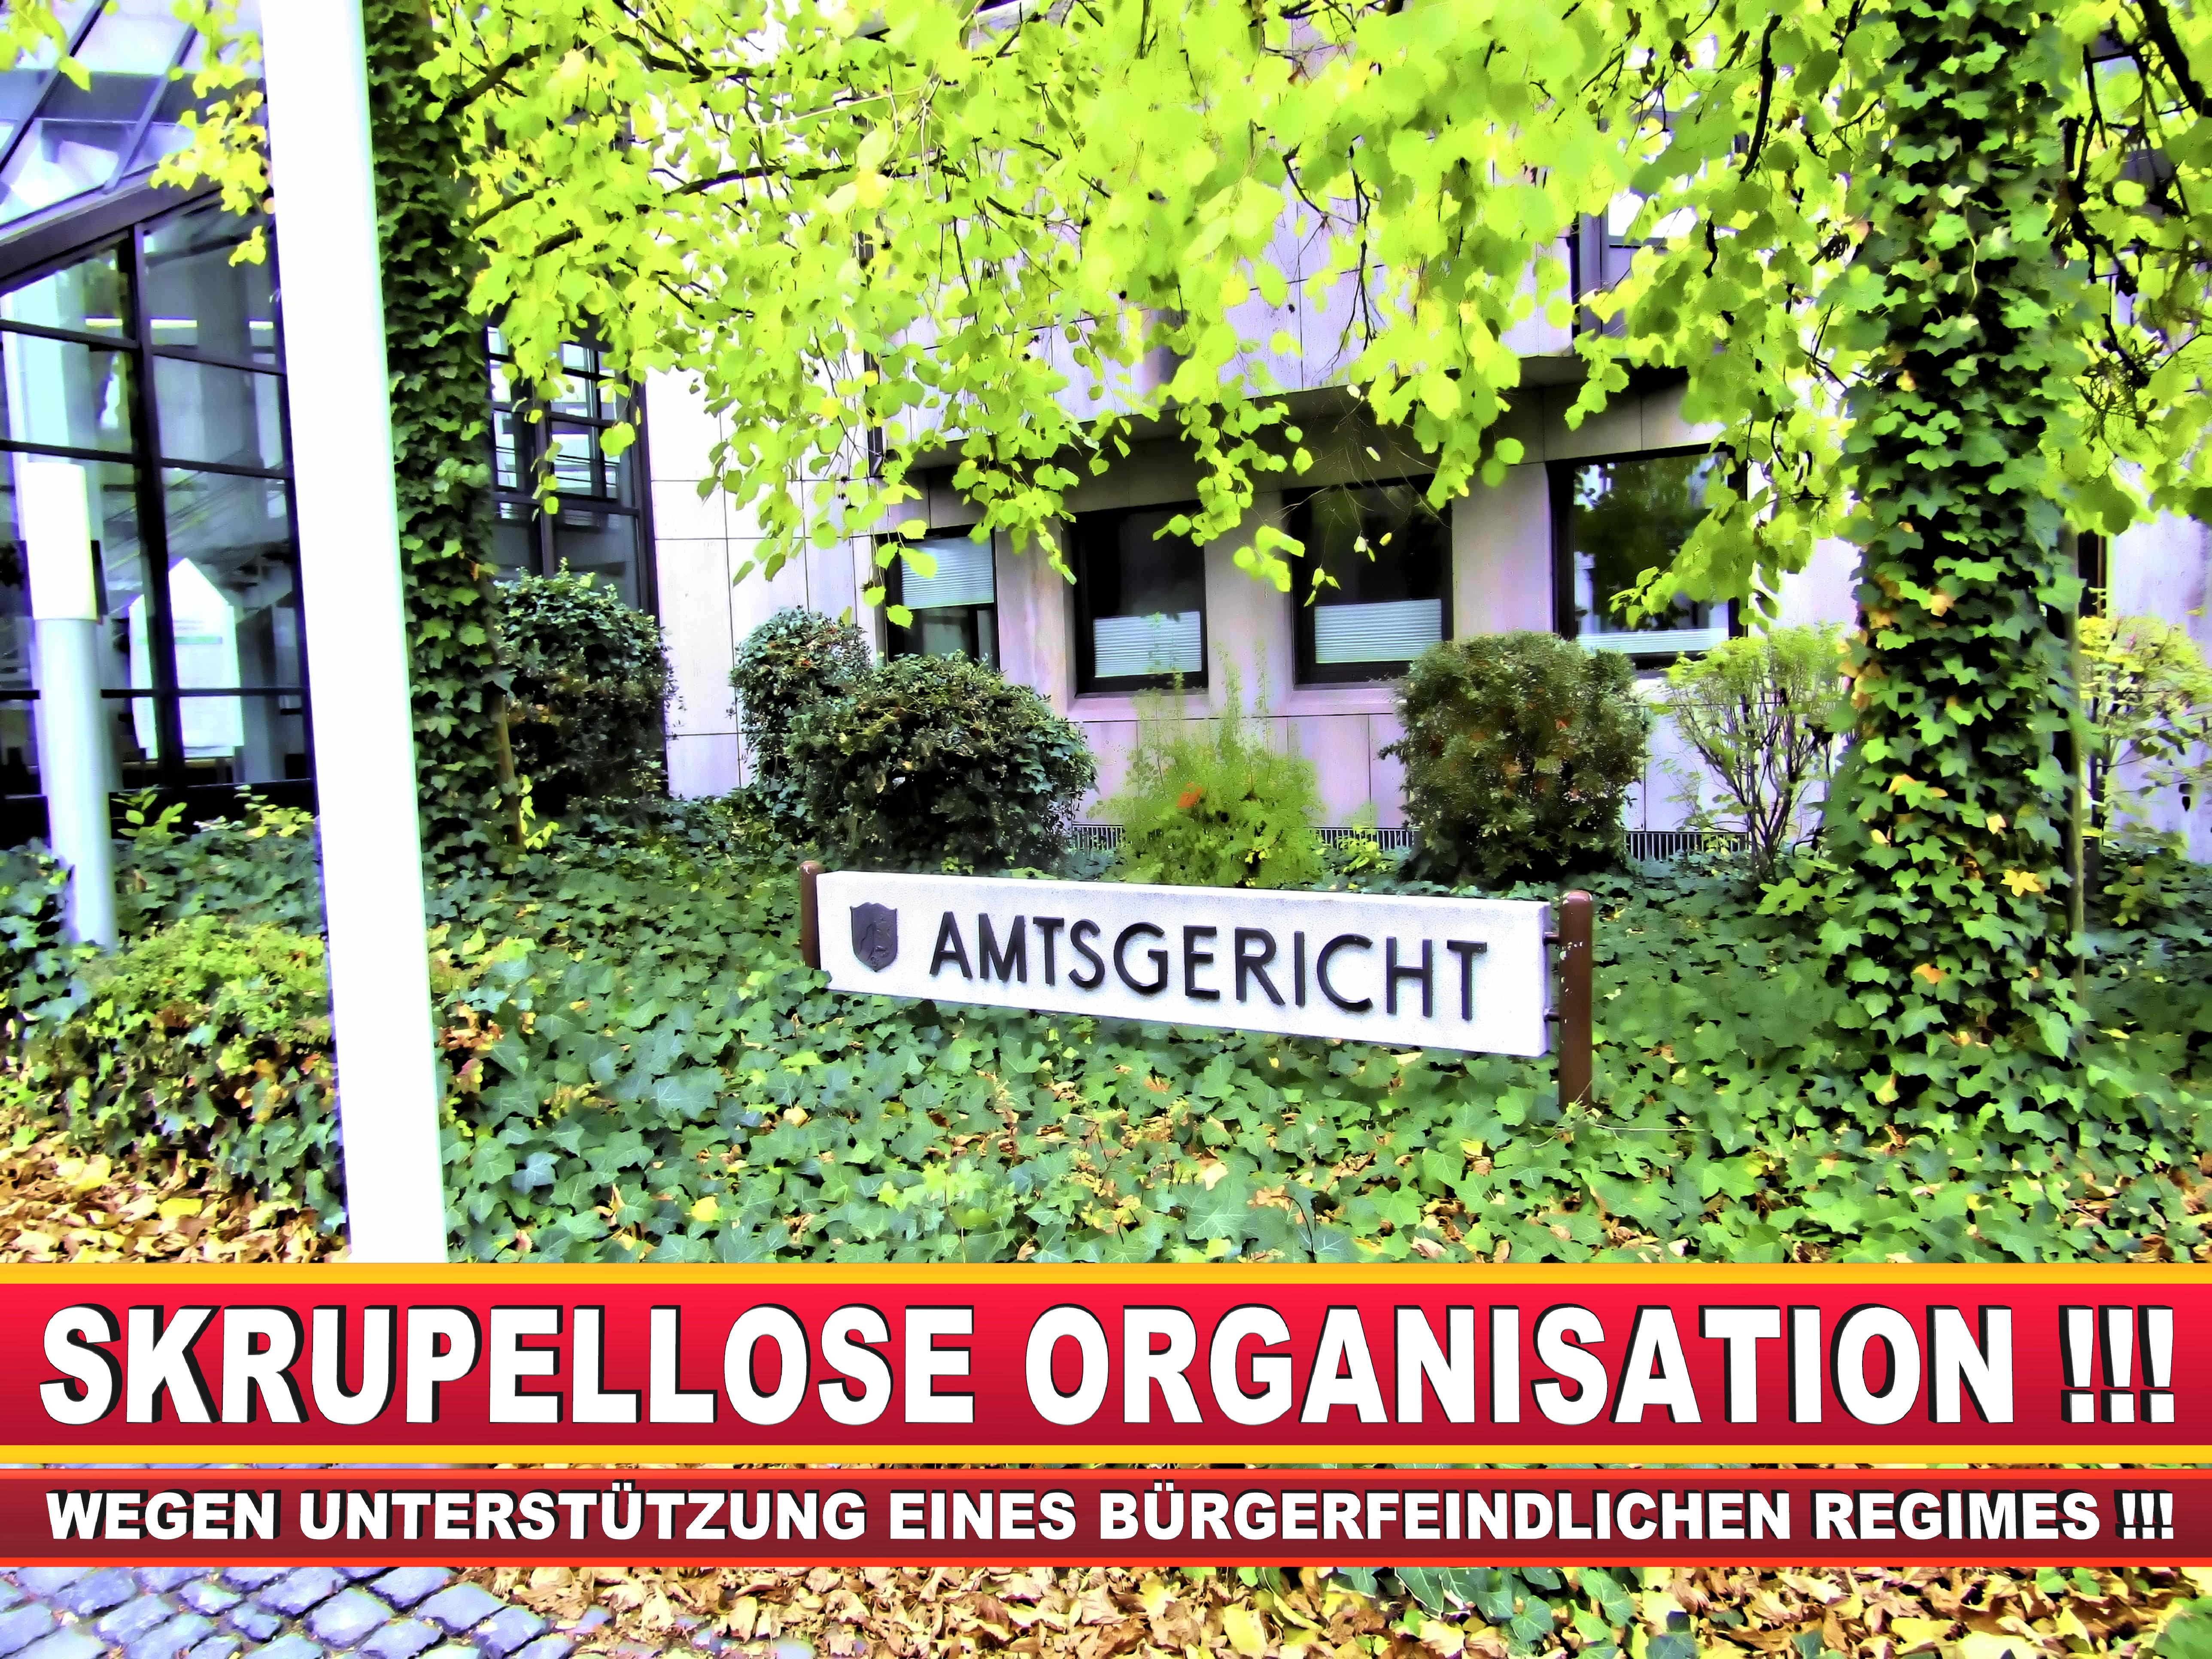 AMTSGERICHT LANDGERICHT STAATSANWALTSCHAFT BIELEFELD BEHöRDEN NRW ARBEITSGERICHT SOZIALGERICHT VERWALTUNGSGERICHT (4)